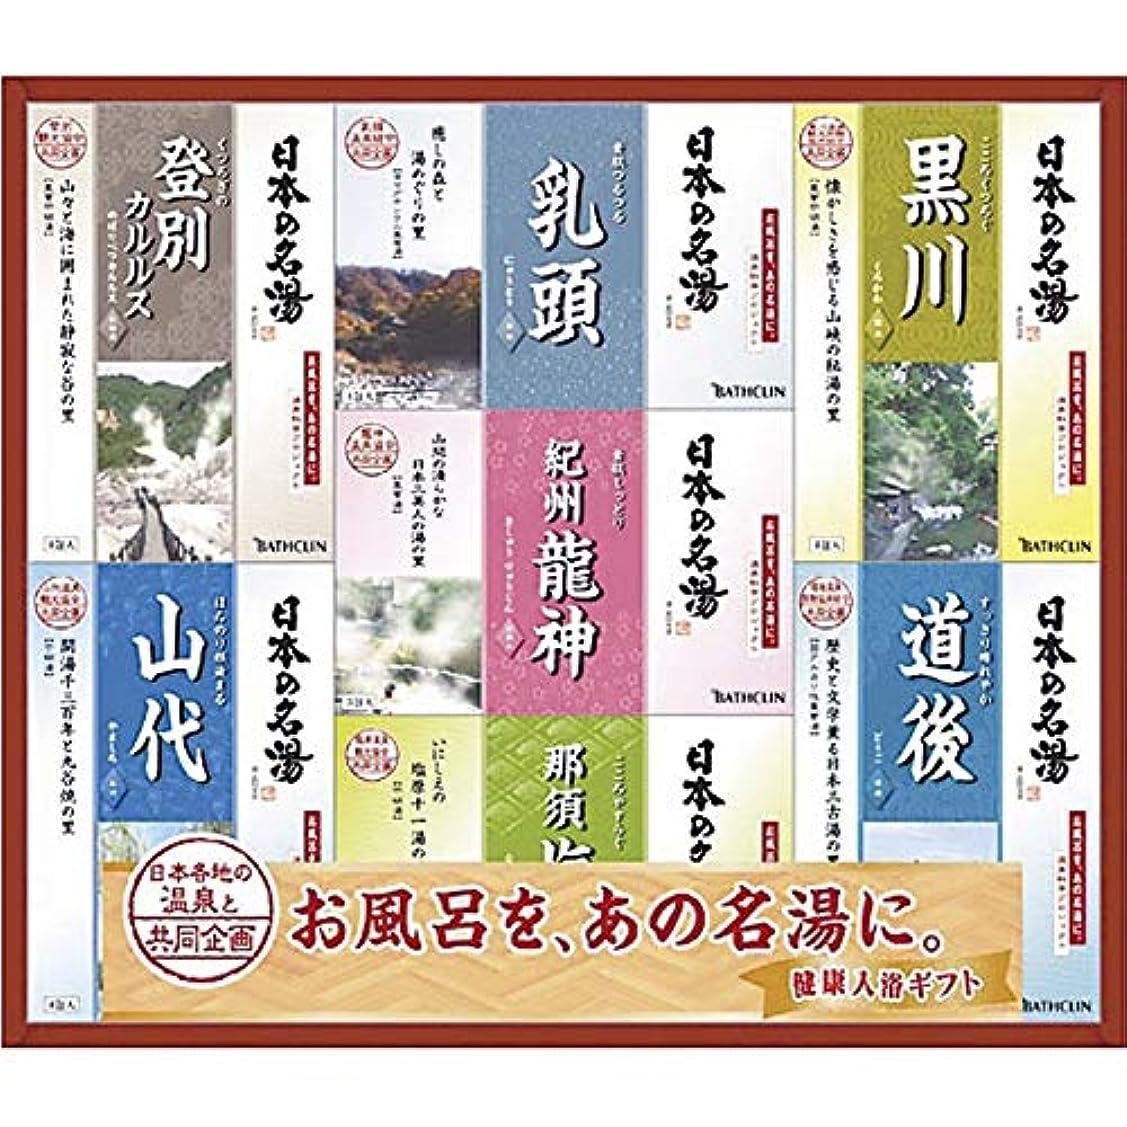 興味病者虚弱バスクリン 日本の名湯 ギフトセット NMG-25F 【個包装 セット 詰め合わせ 疲労回復 ご褒美 贅沢 プチギフト 温まる 温泉 粉 ご当地 まとめ買い 名湯 リラックス 美肌 つめあわせ やさしい やすらぎ】